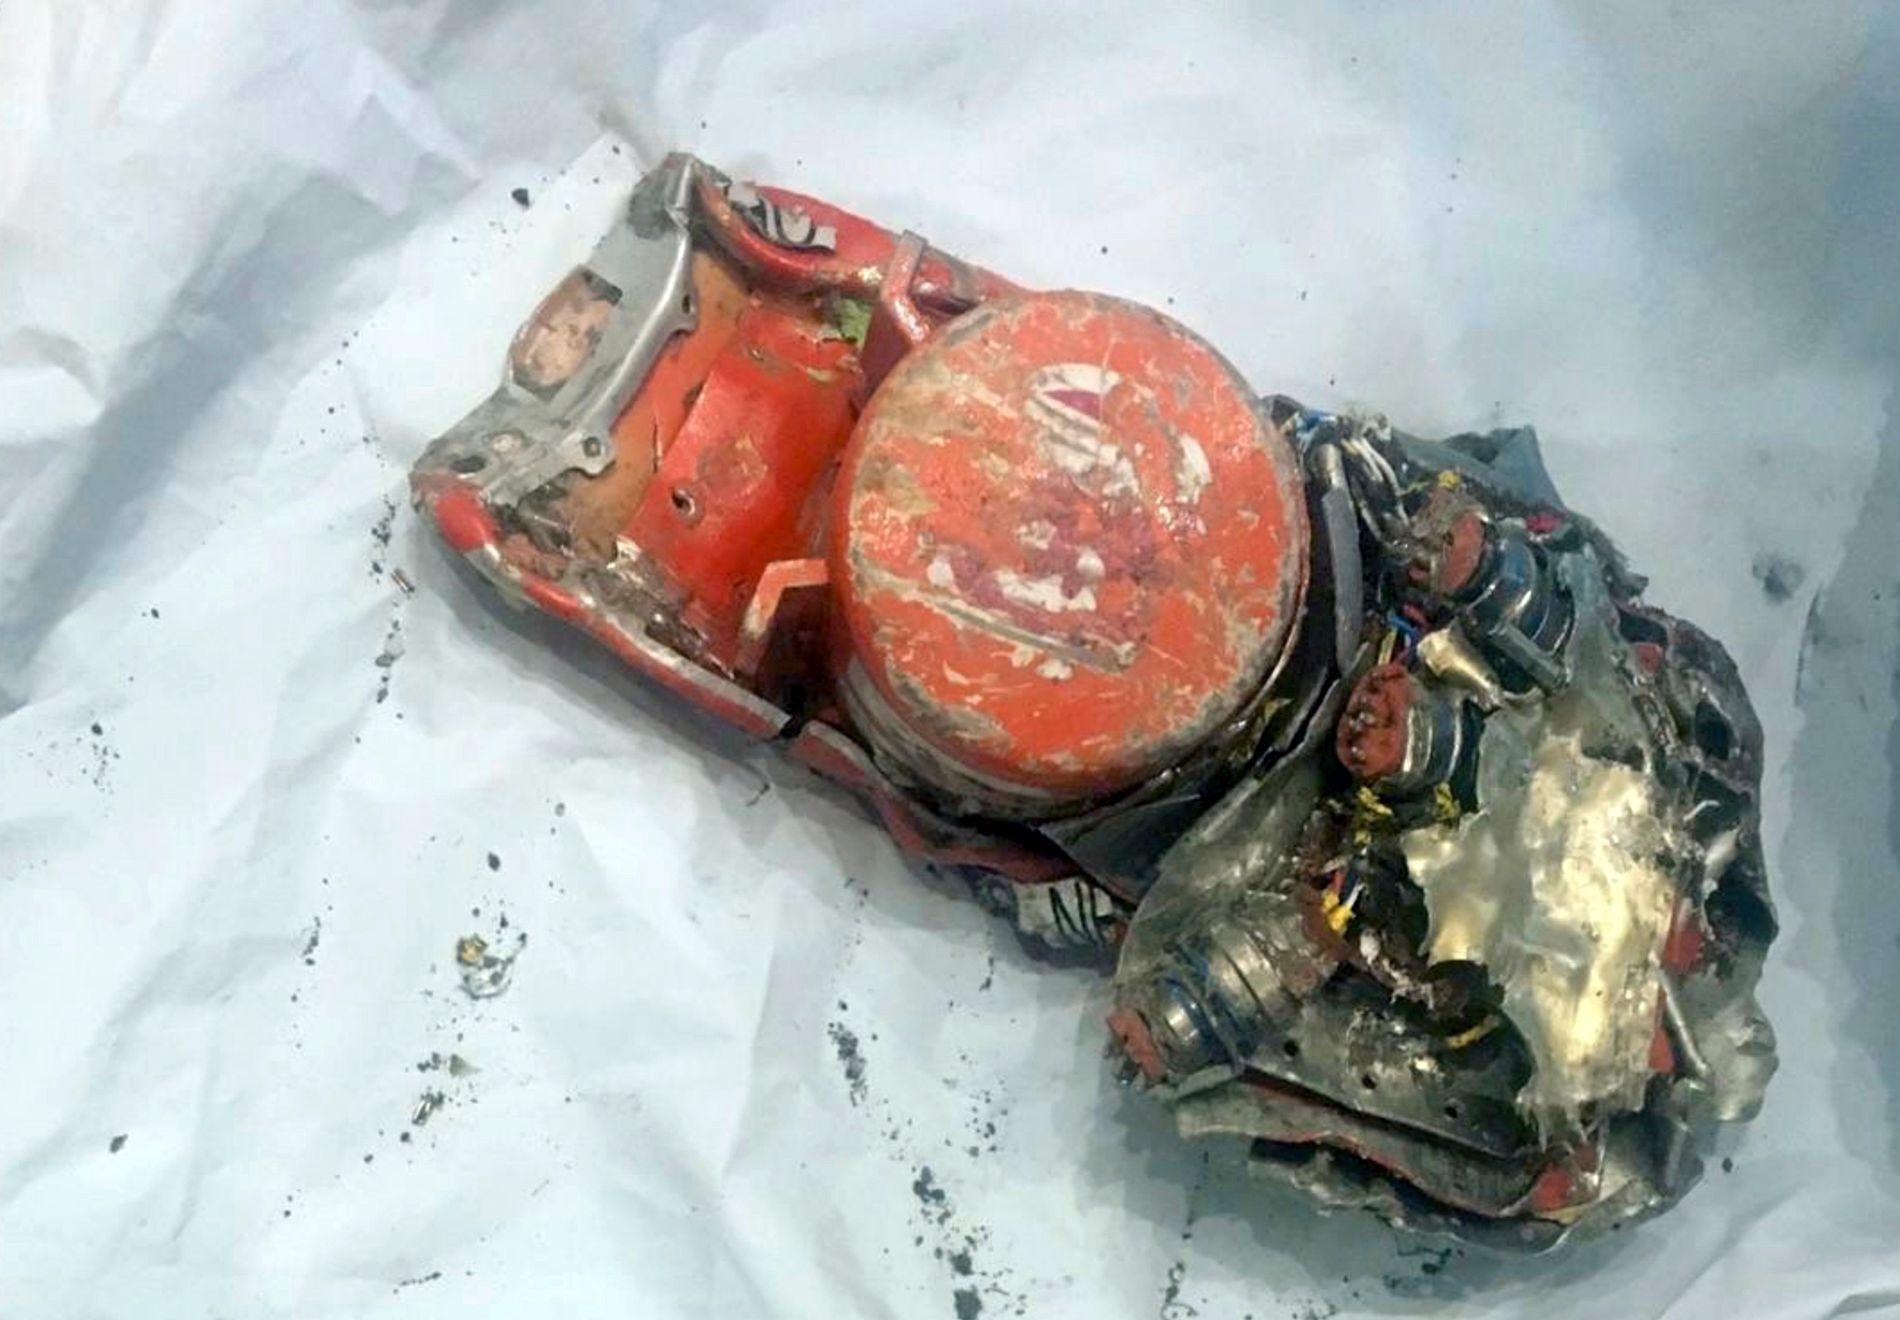 SKADET: Et bilde som den en franske flyhavarikommisjonen (BEA) har offentliggjort av den ene boksen, viser at den har store skader.